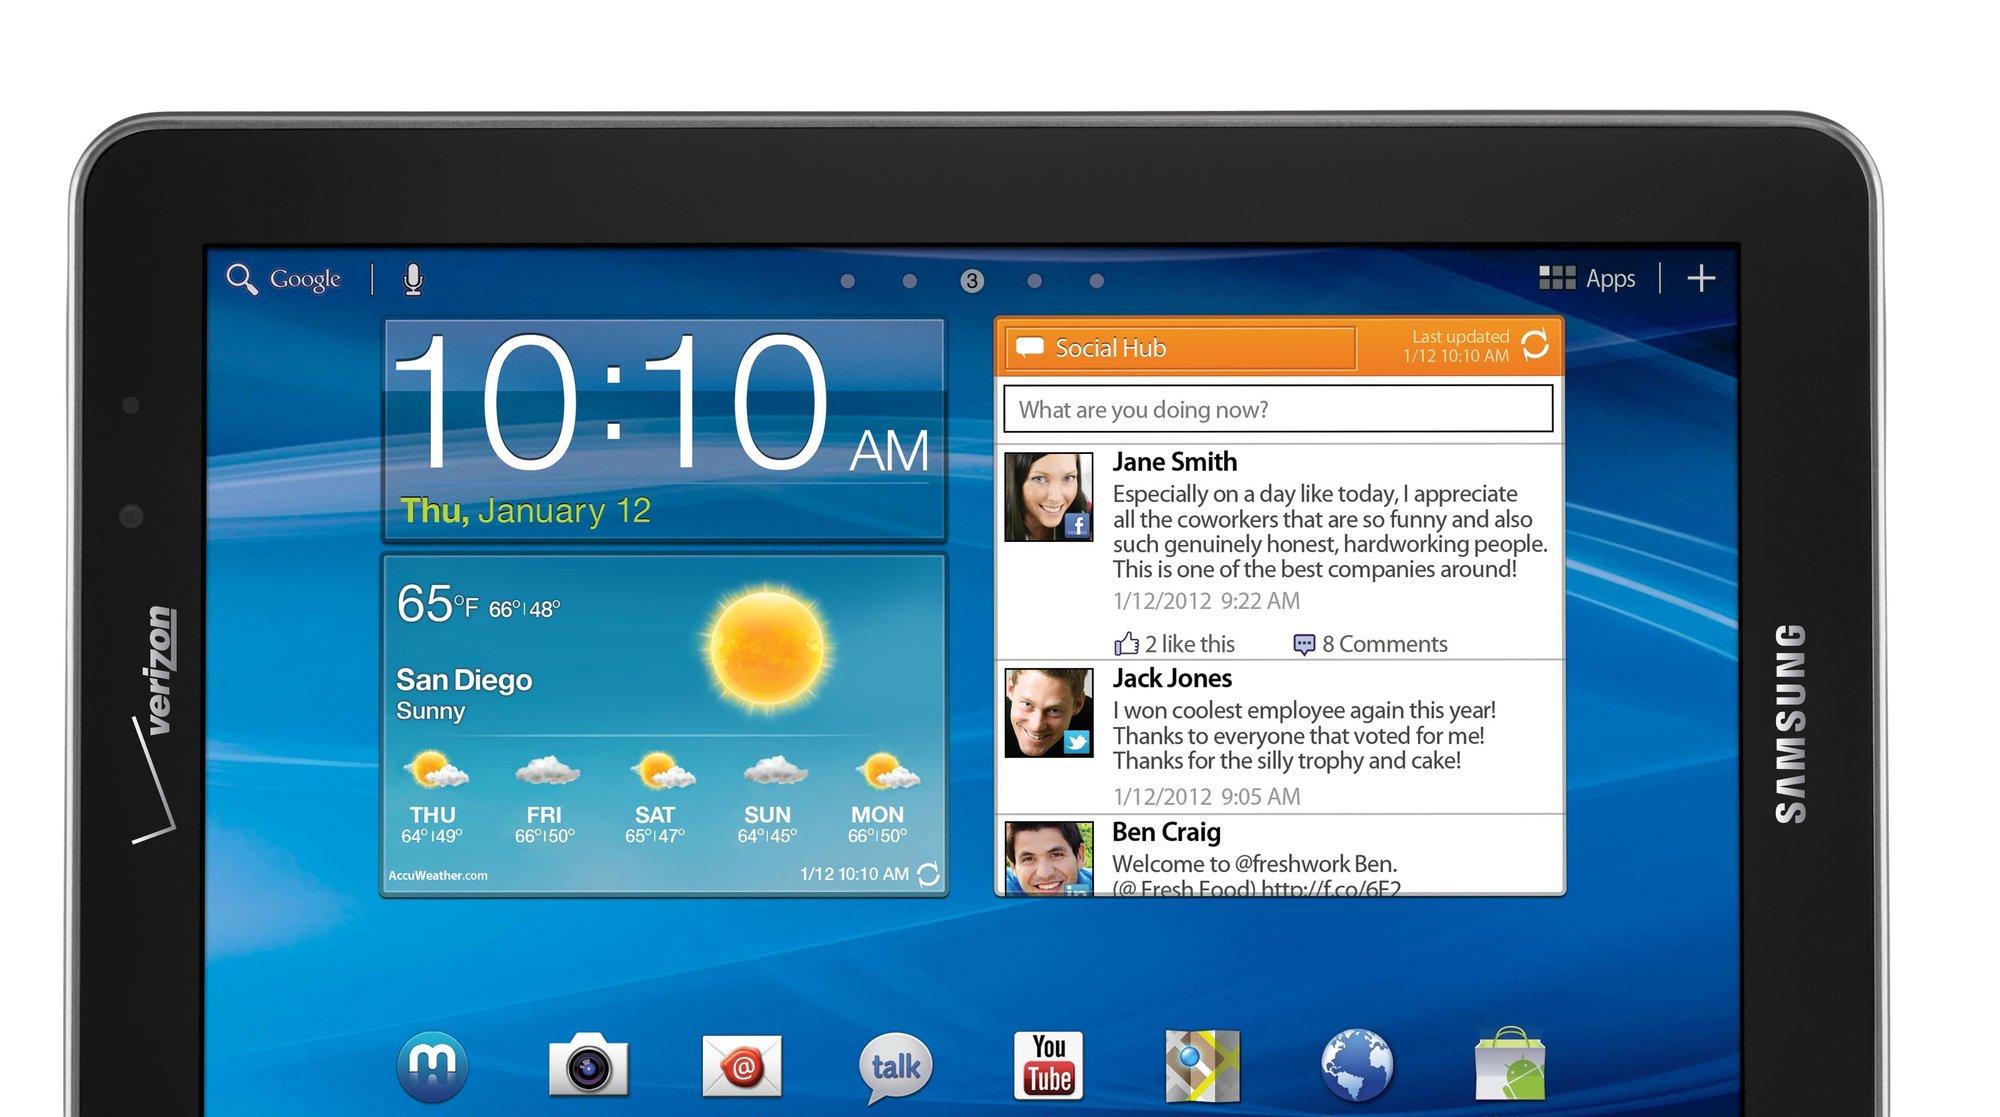 Spesialversjonen av Galaxy Tab 10.1 kan selges i Tyskland, mens lillebroren 7.7 blir forbudt i hele EU.